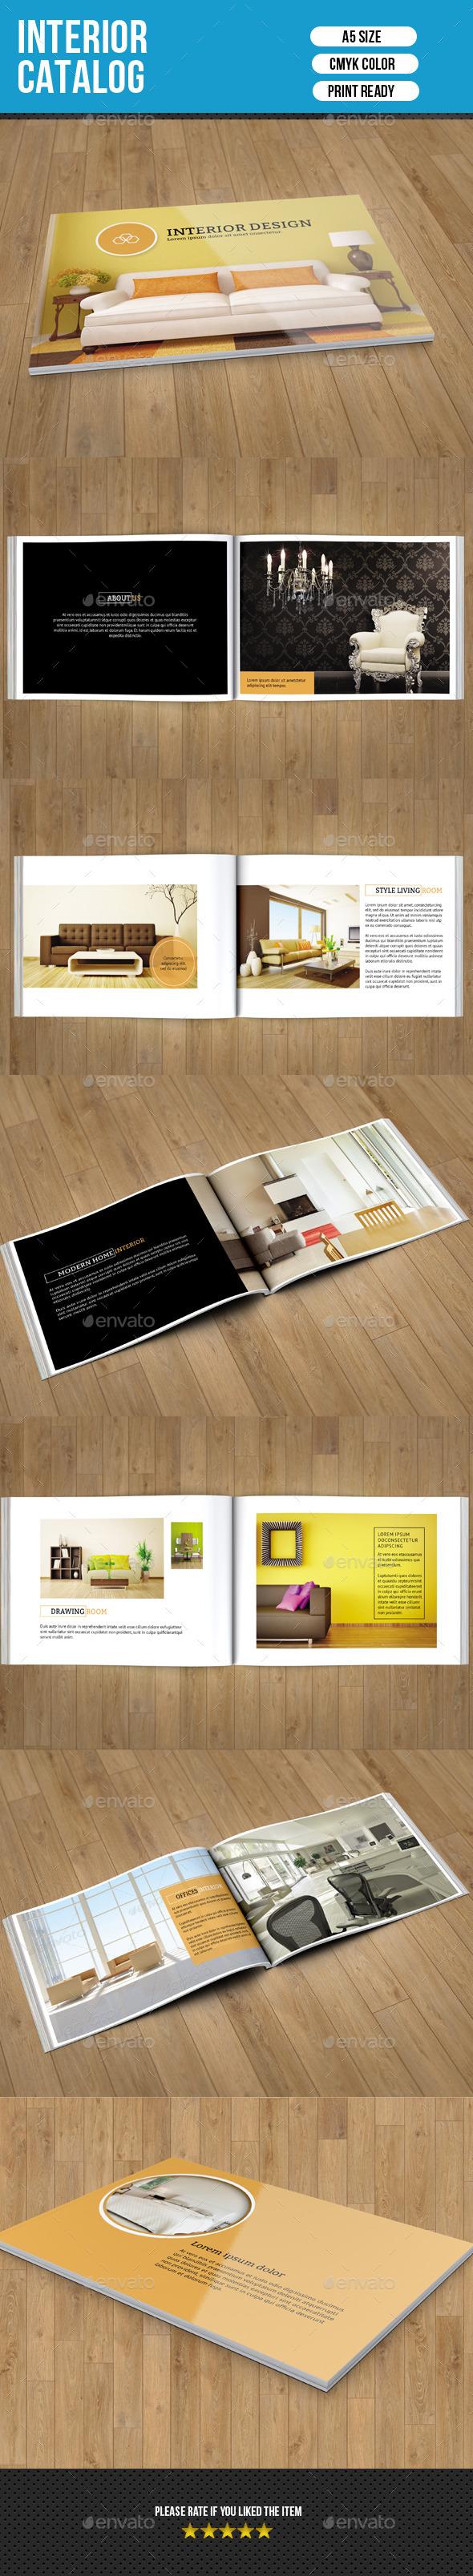 Interior Catalog Brochure-V144 - Catalogs Brochures